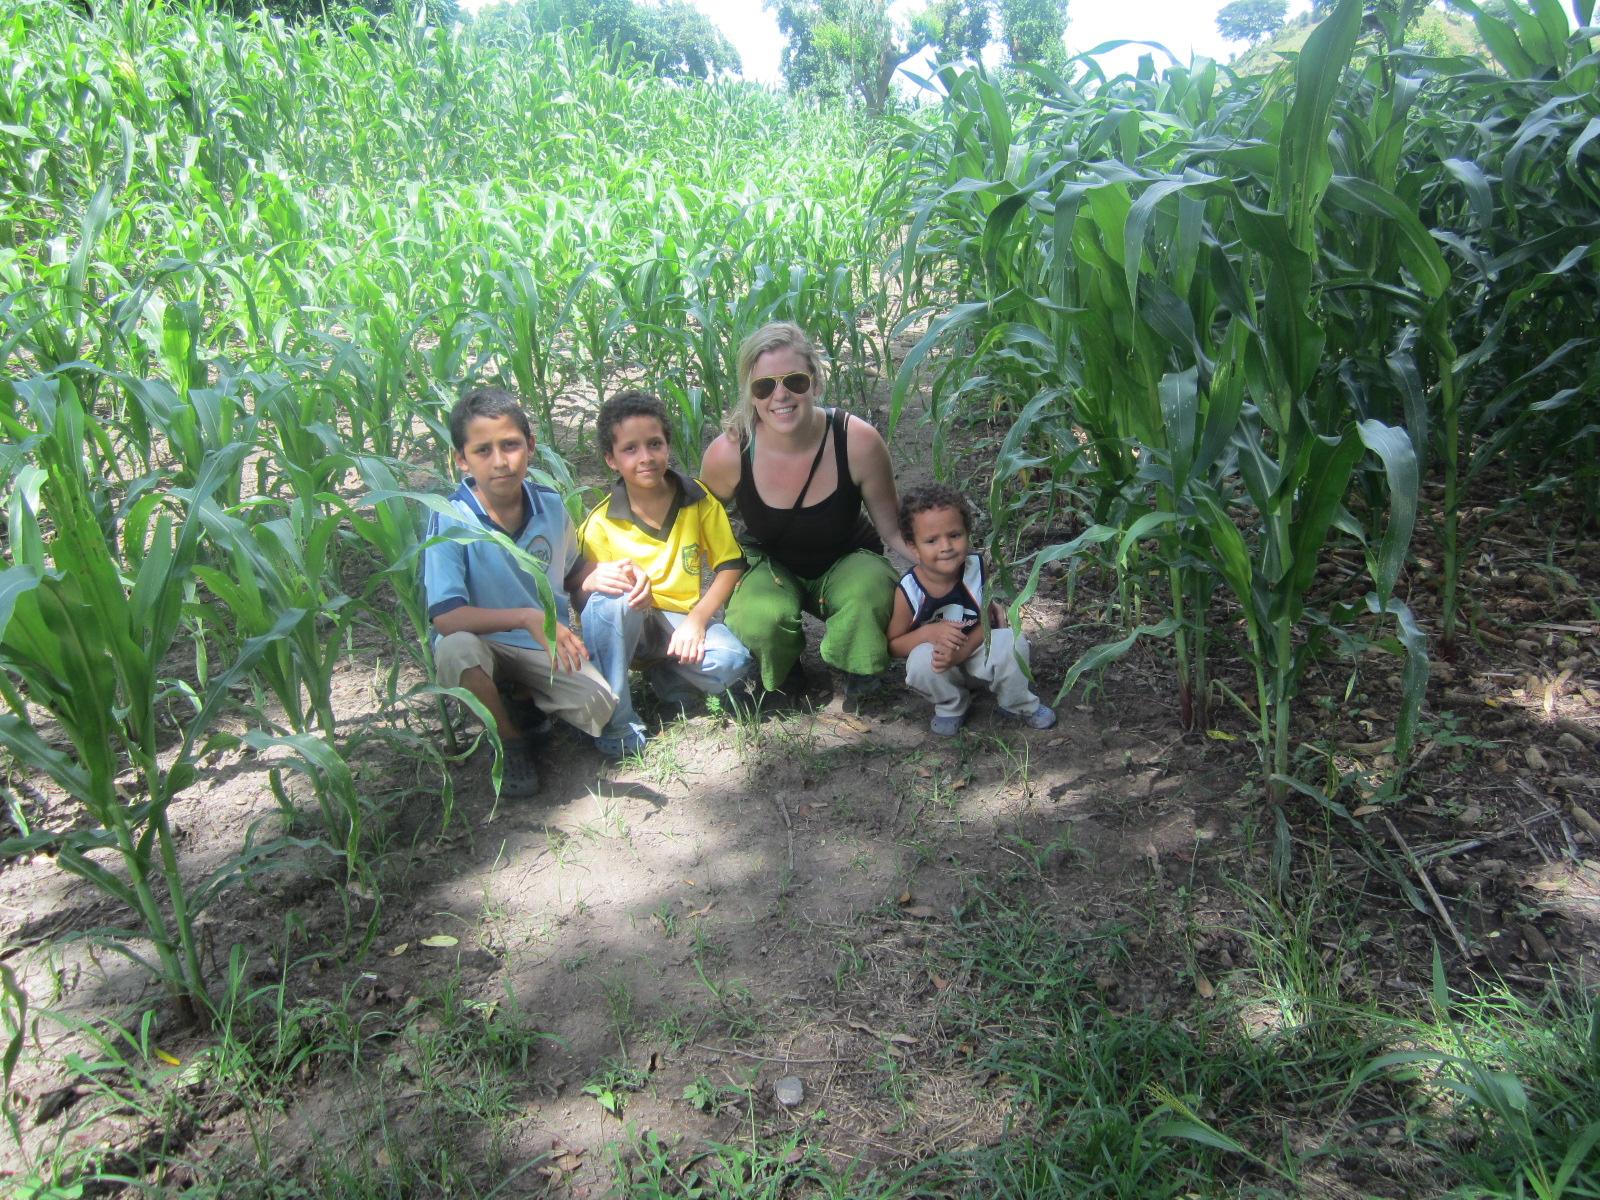 Working with campecinos in El Salvador, 2012